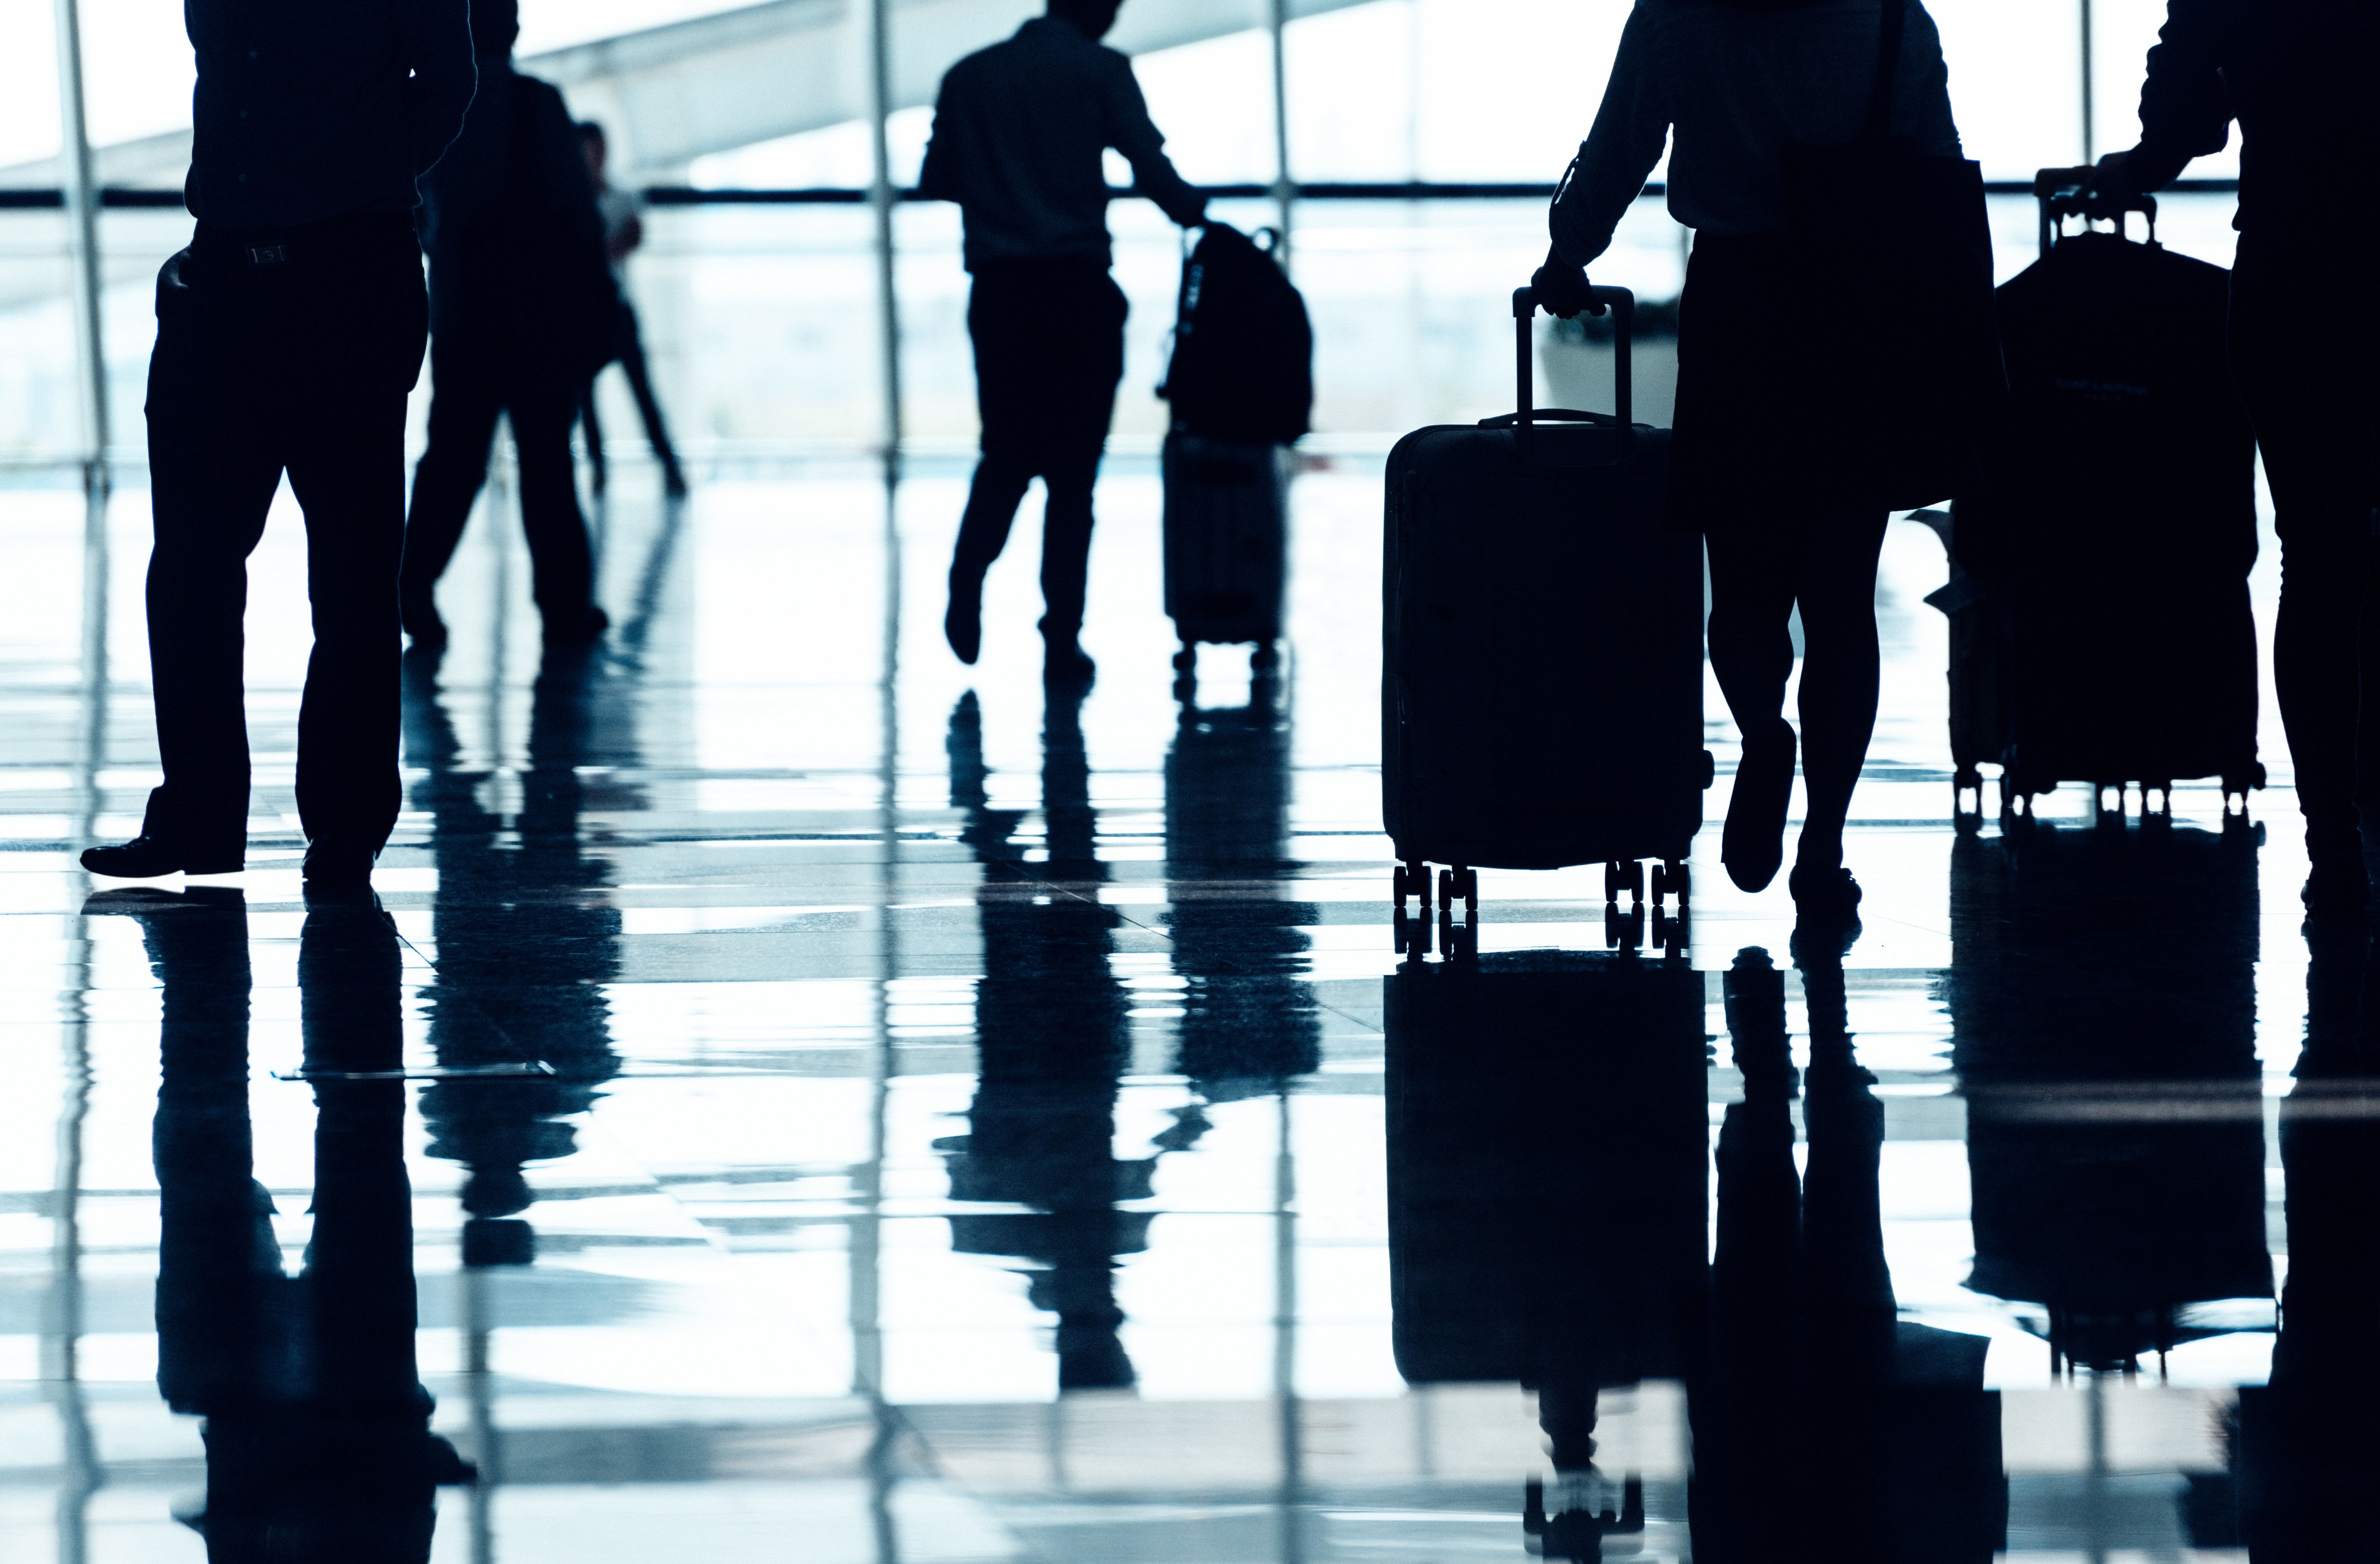 ΔιαΝΕΟσις: Οι Έλληνες γερνάμε, δεν γεννάμε, θέλουμε να φύγουμε από τη χώρα